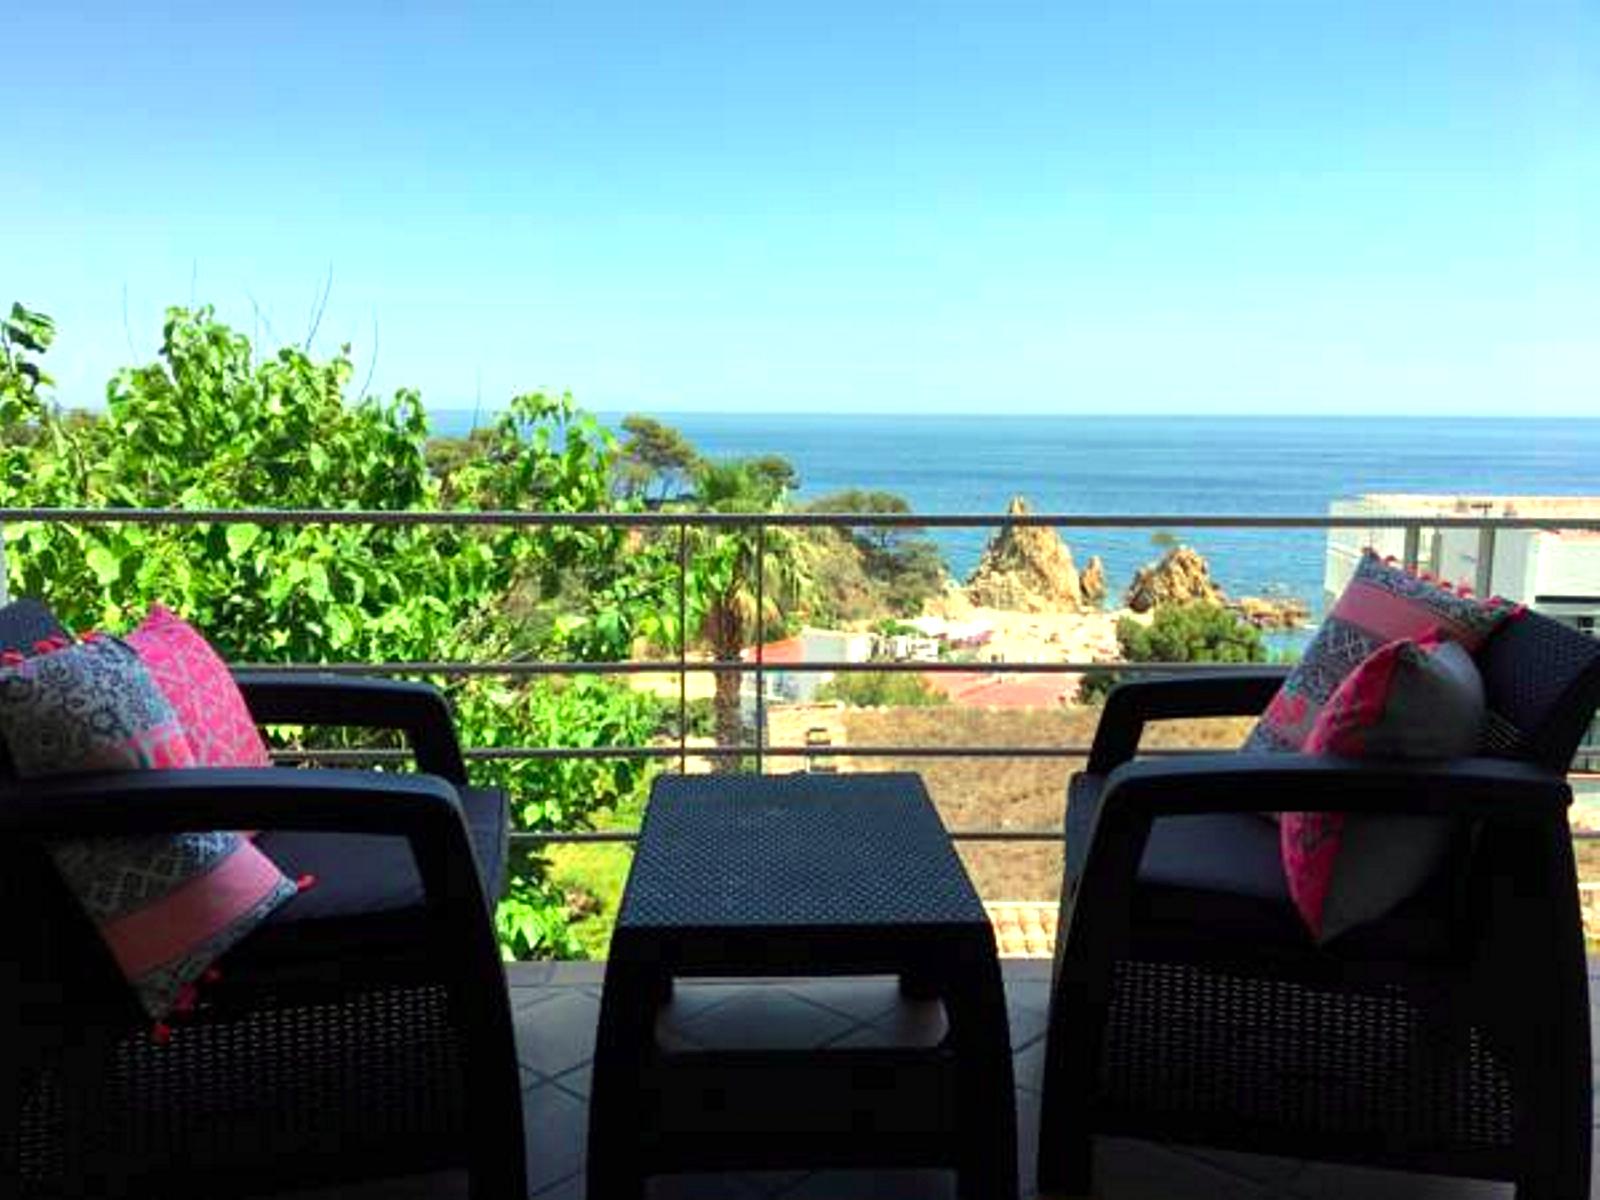 Дом рядом с пляжем1.700 евро/недДом в центре города, с видом на море. 3 спальни, 8 спальных мест, 100м до пляжа, г Тосса де Мар